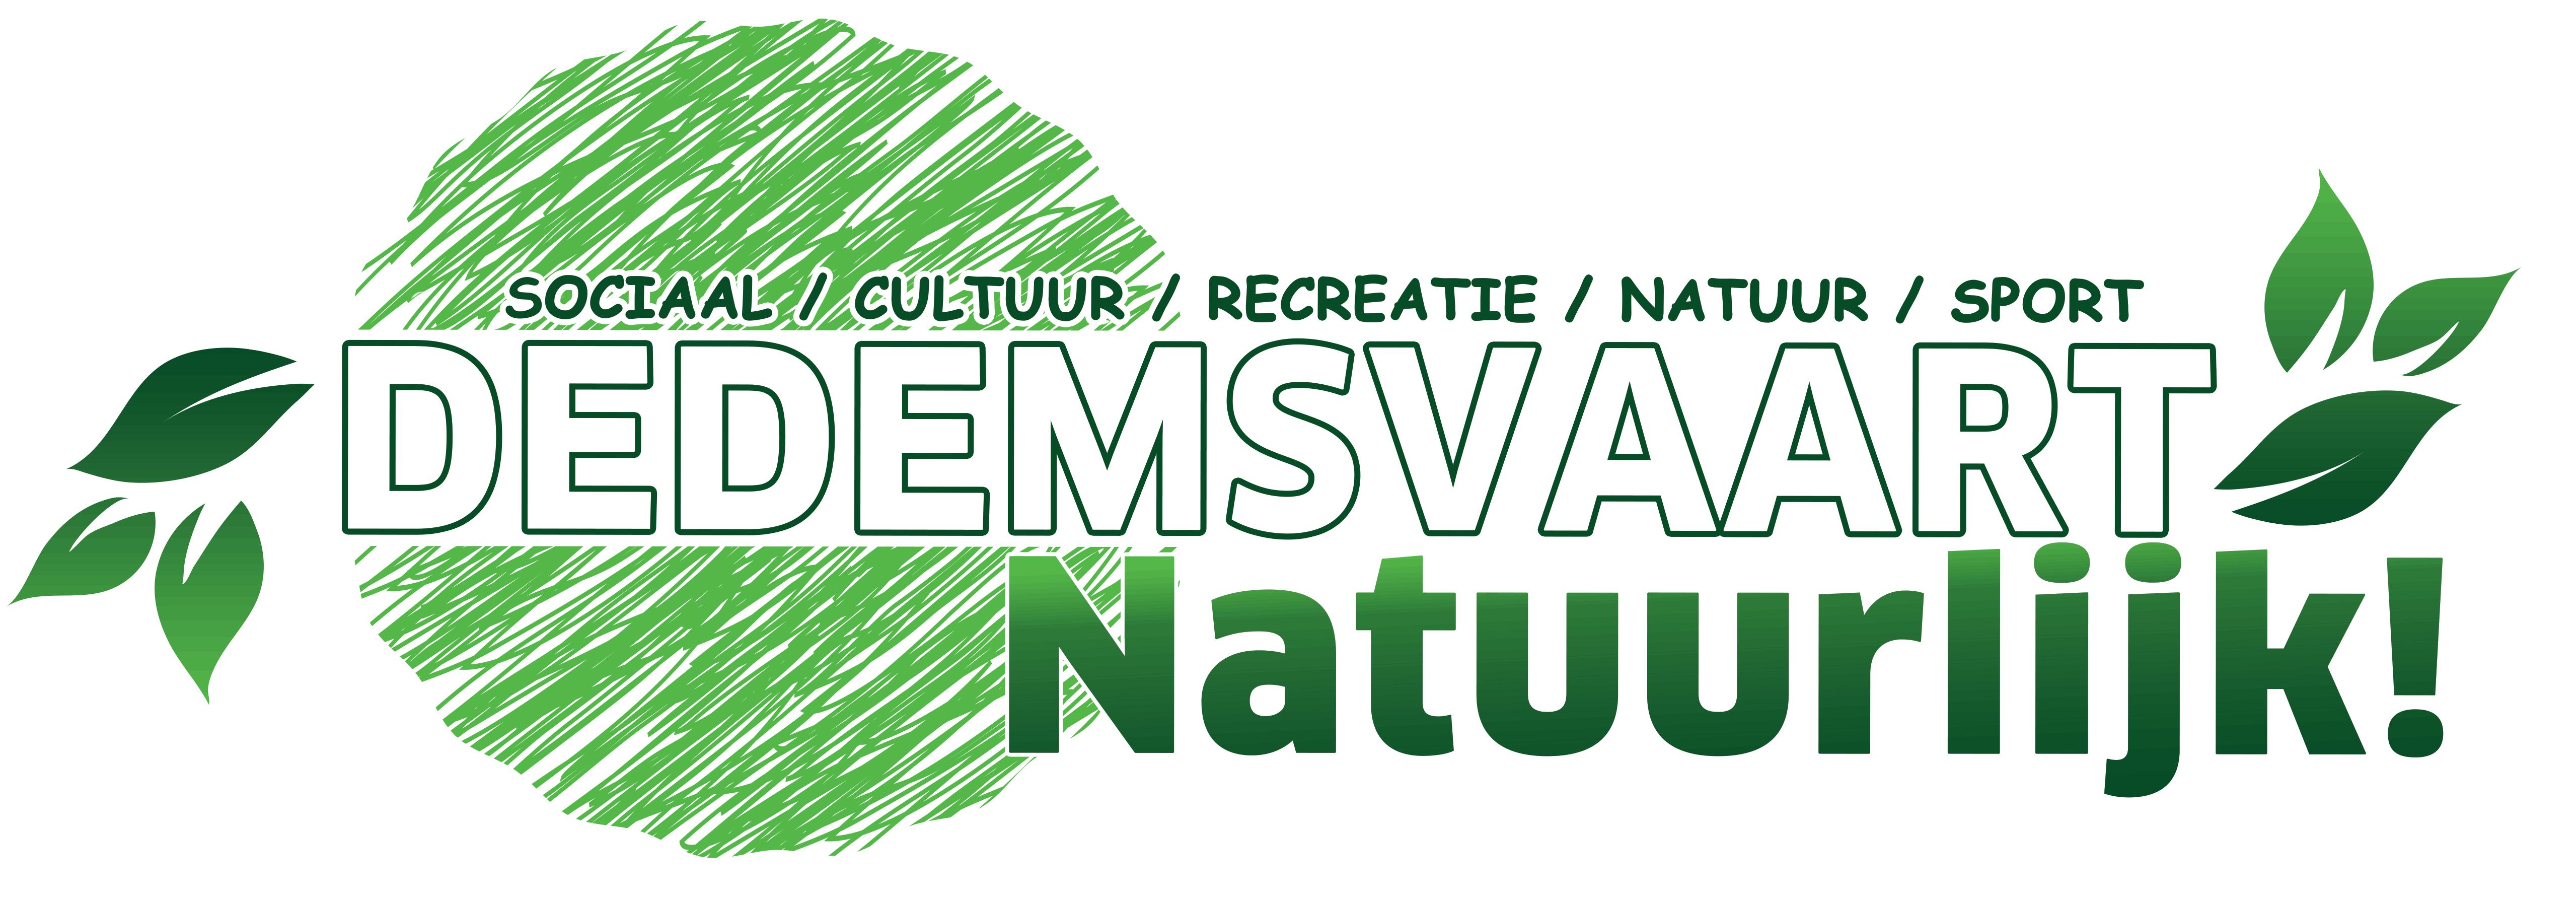 dedemsvaart natuurlijk_logo